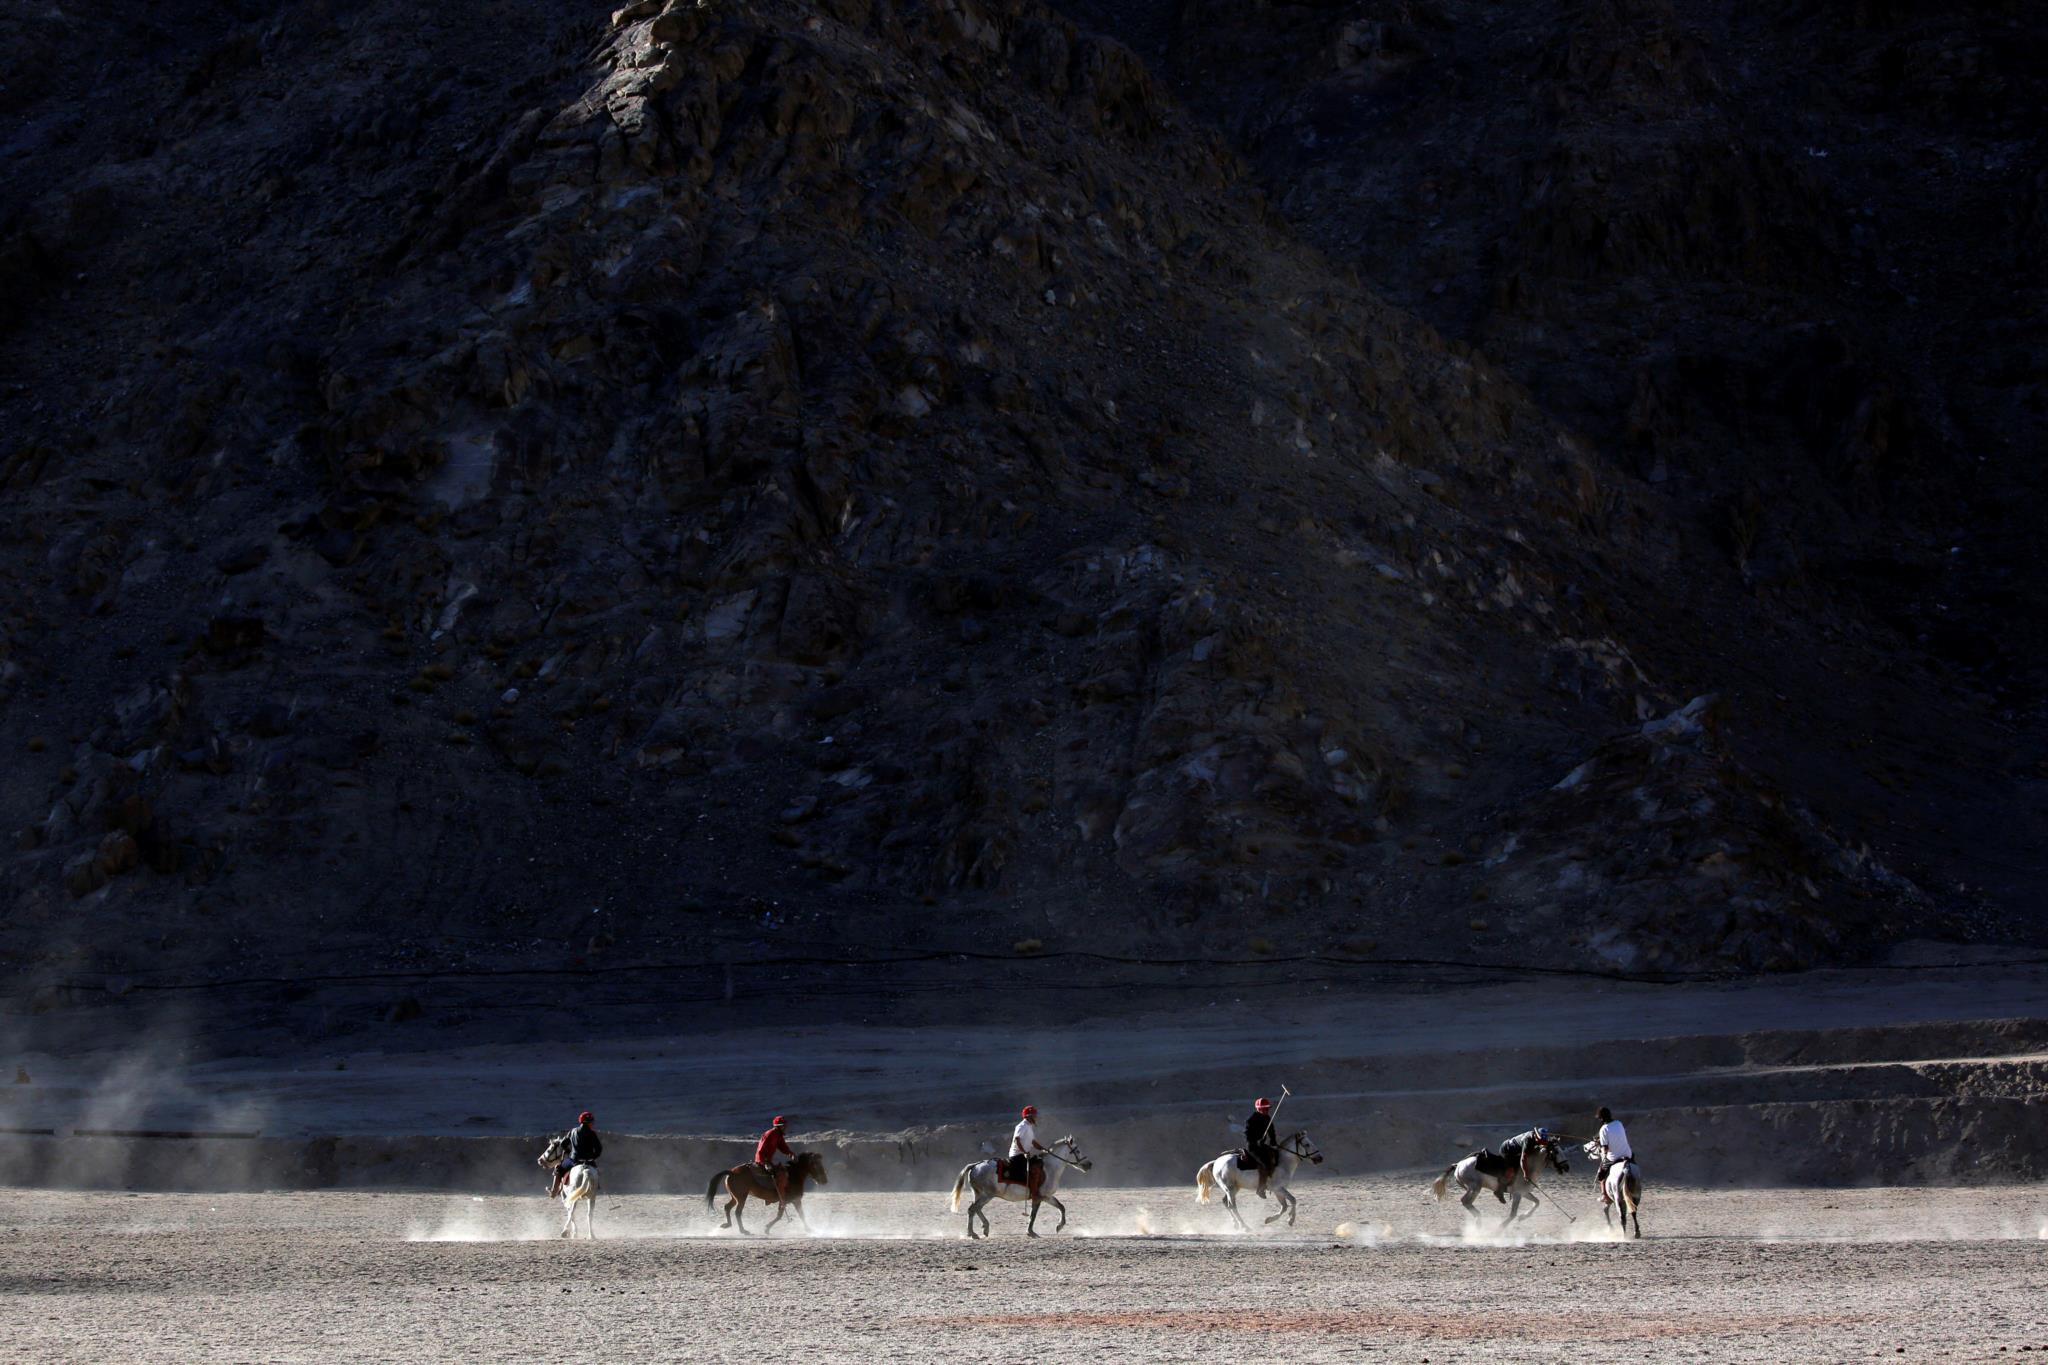 Um grupo de habitantes locais joga pólo equestre  em Leh